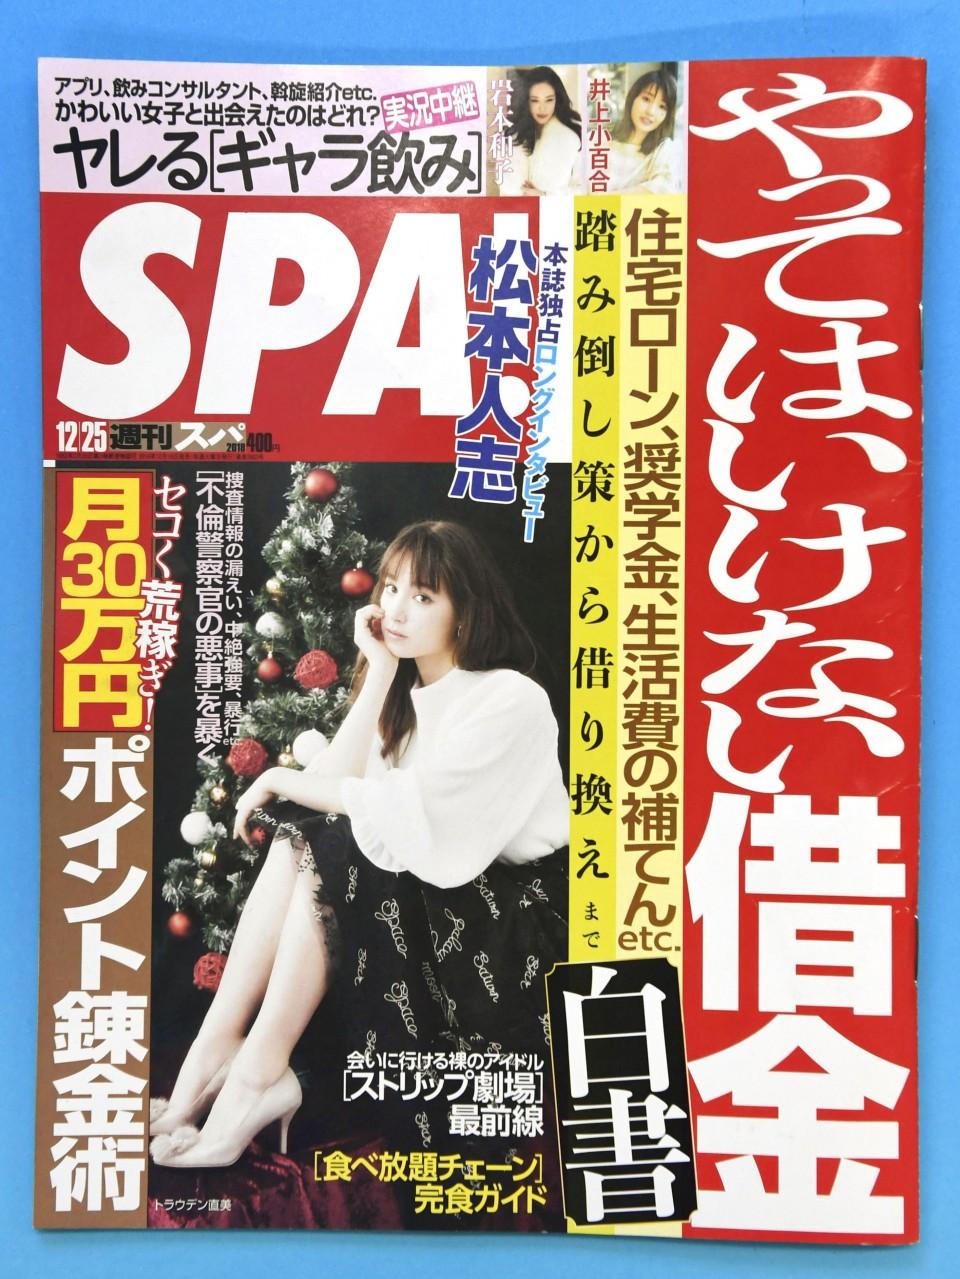 japonais sexe magazine vidéo de contraction orgasme féminin